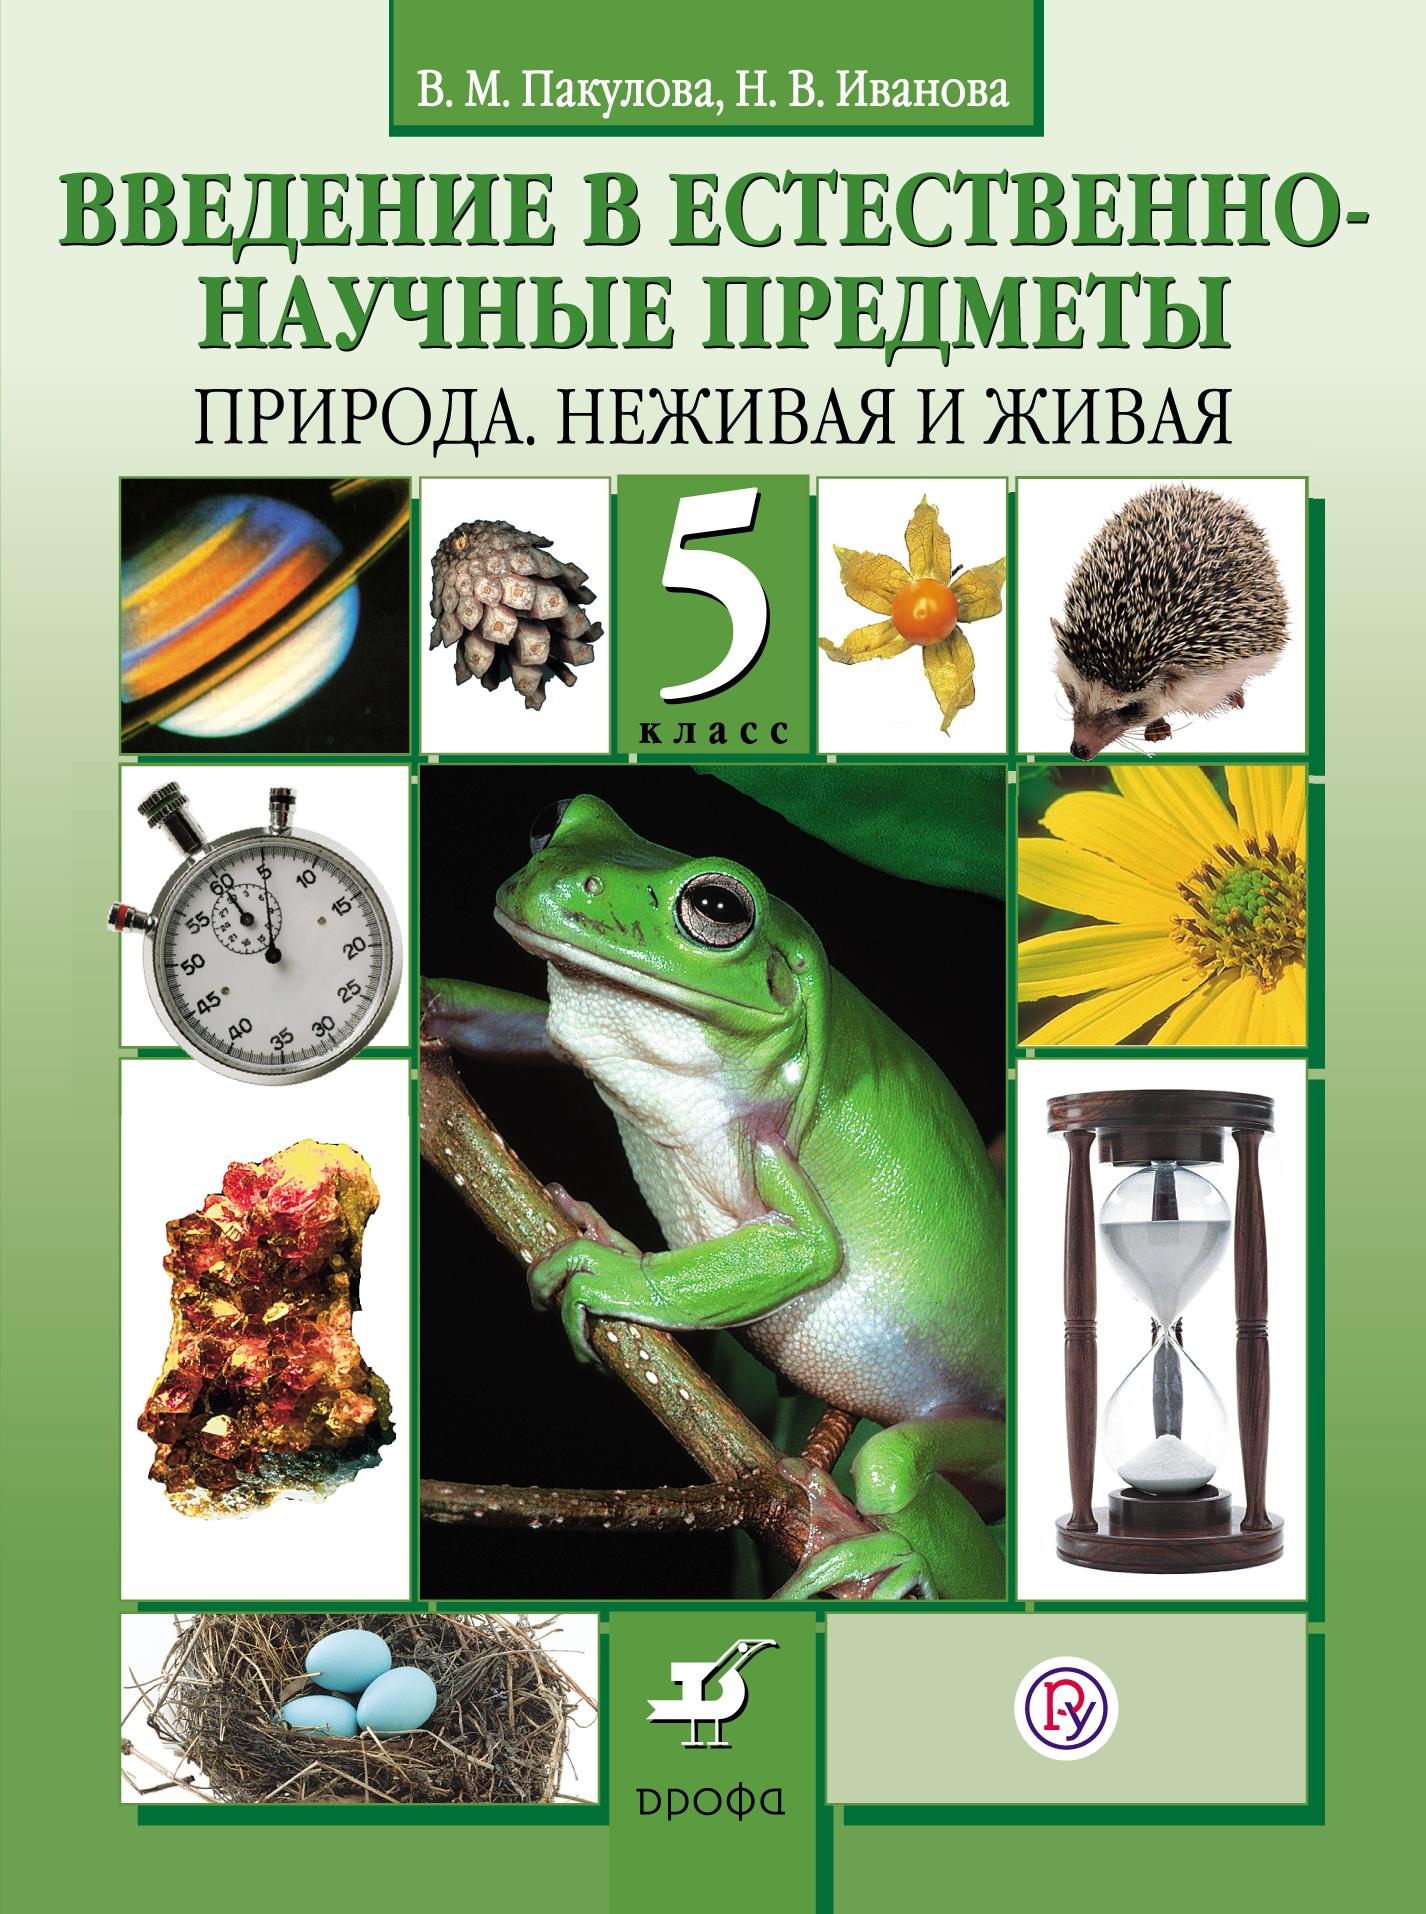 Введение в естественно-научные предметы. Природа. 5 класс. Учебник ( Пакулова В.М., Иванова Н.В.  )